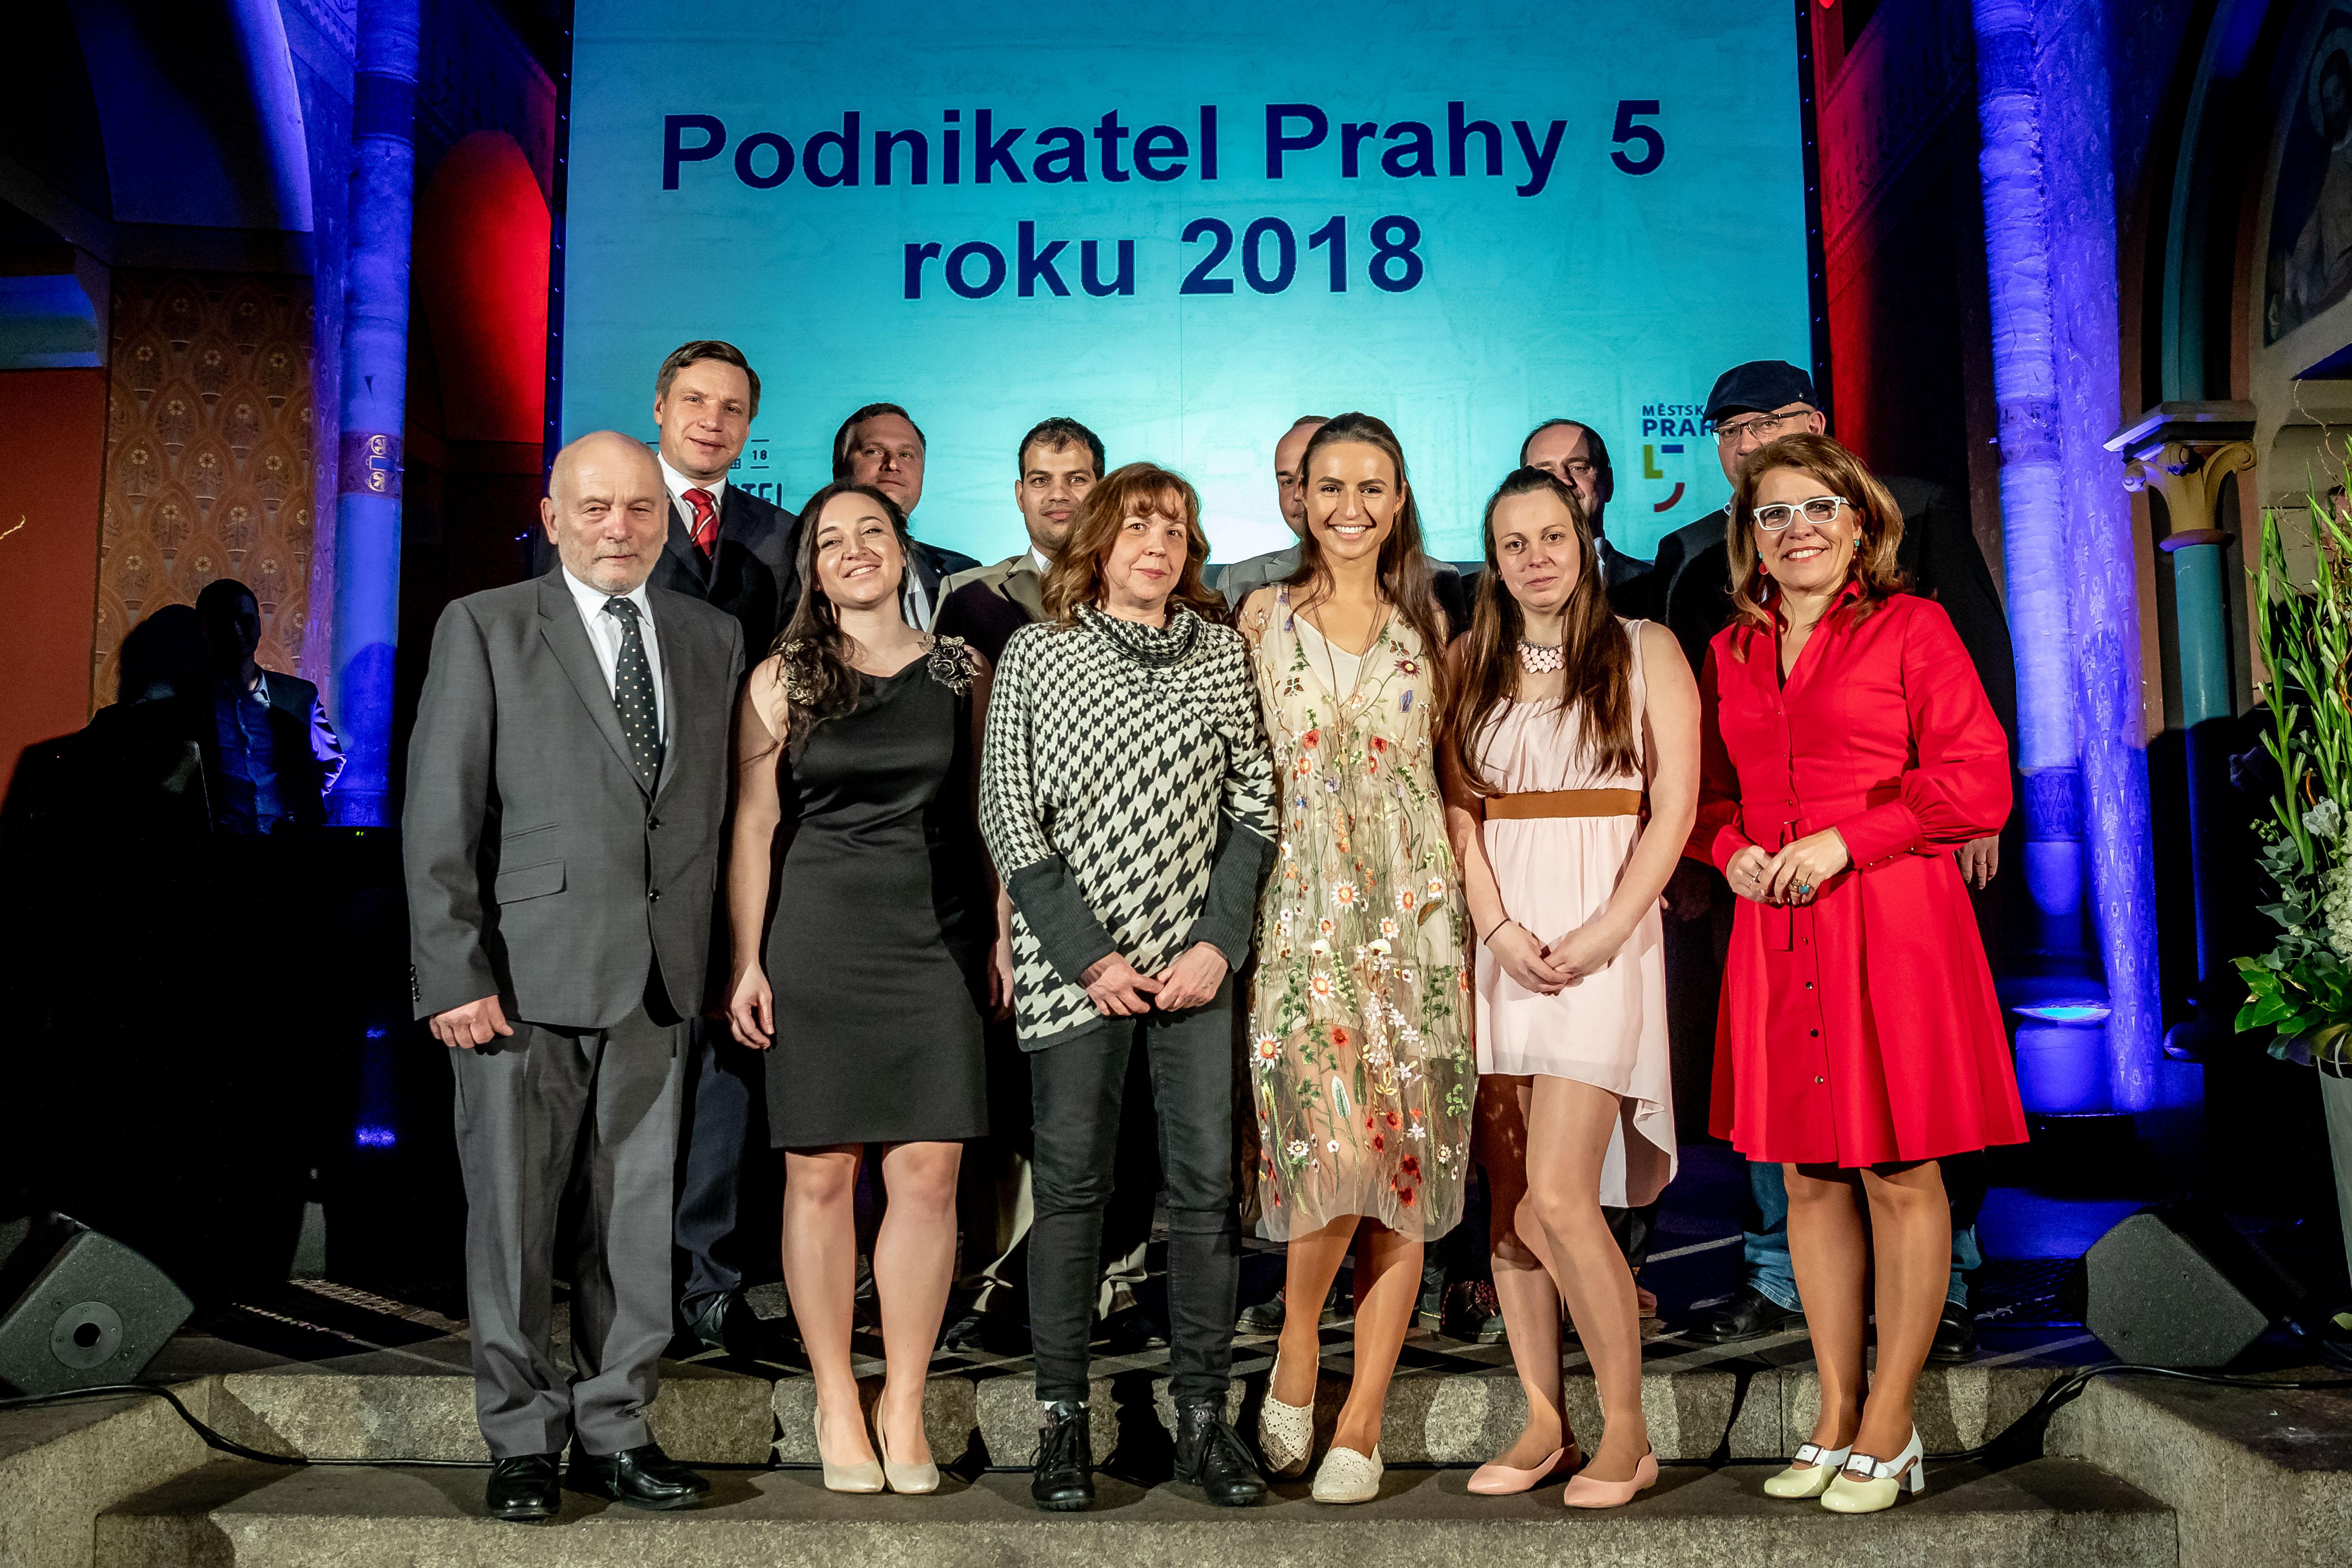 vitezove-ankety-podnikatel-prahy-5-2018-vyhlaseni